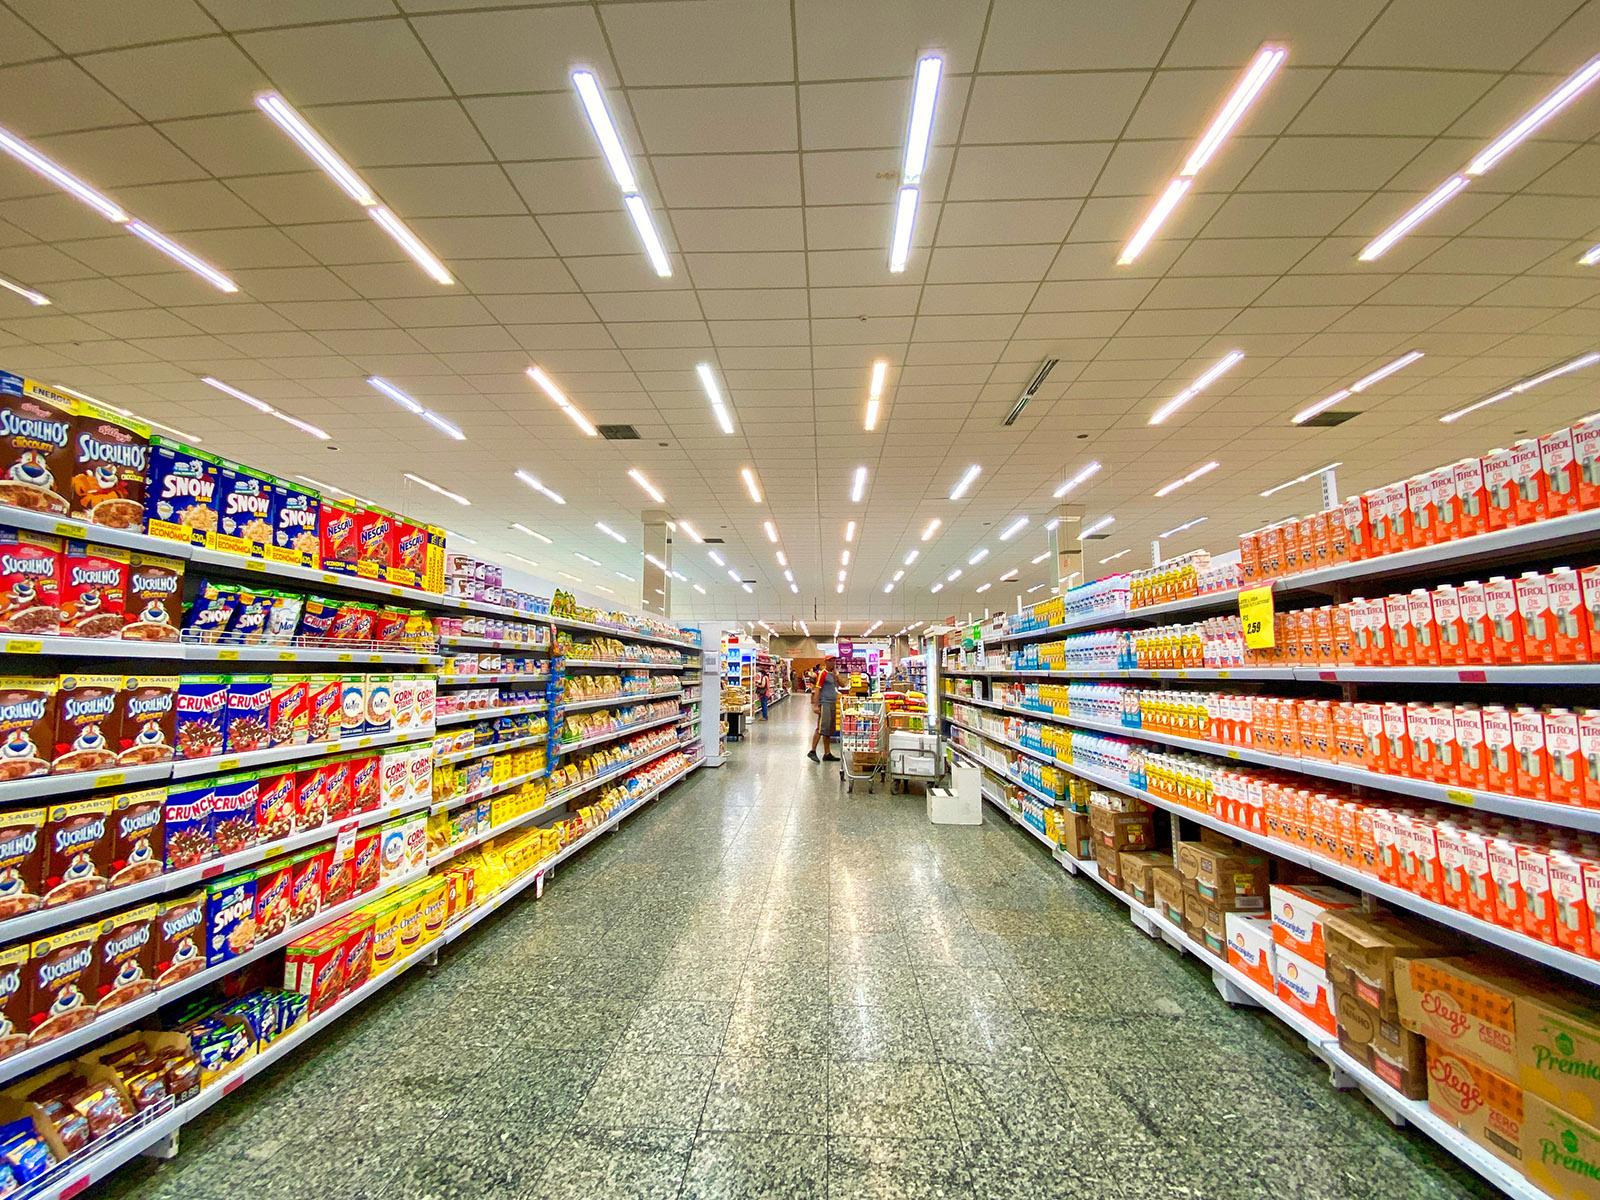 Les enseignes de supermarchés américains et leurs équivalents français